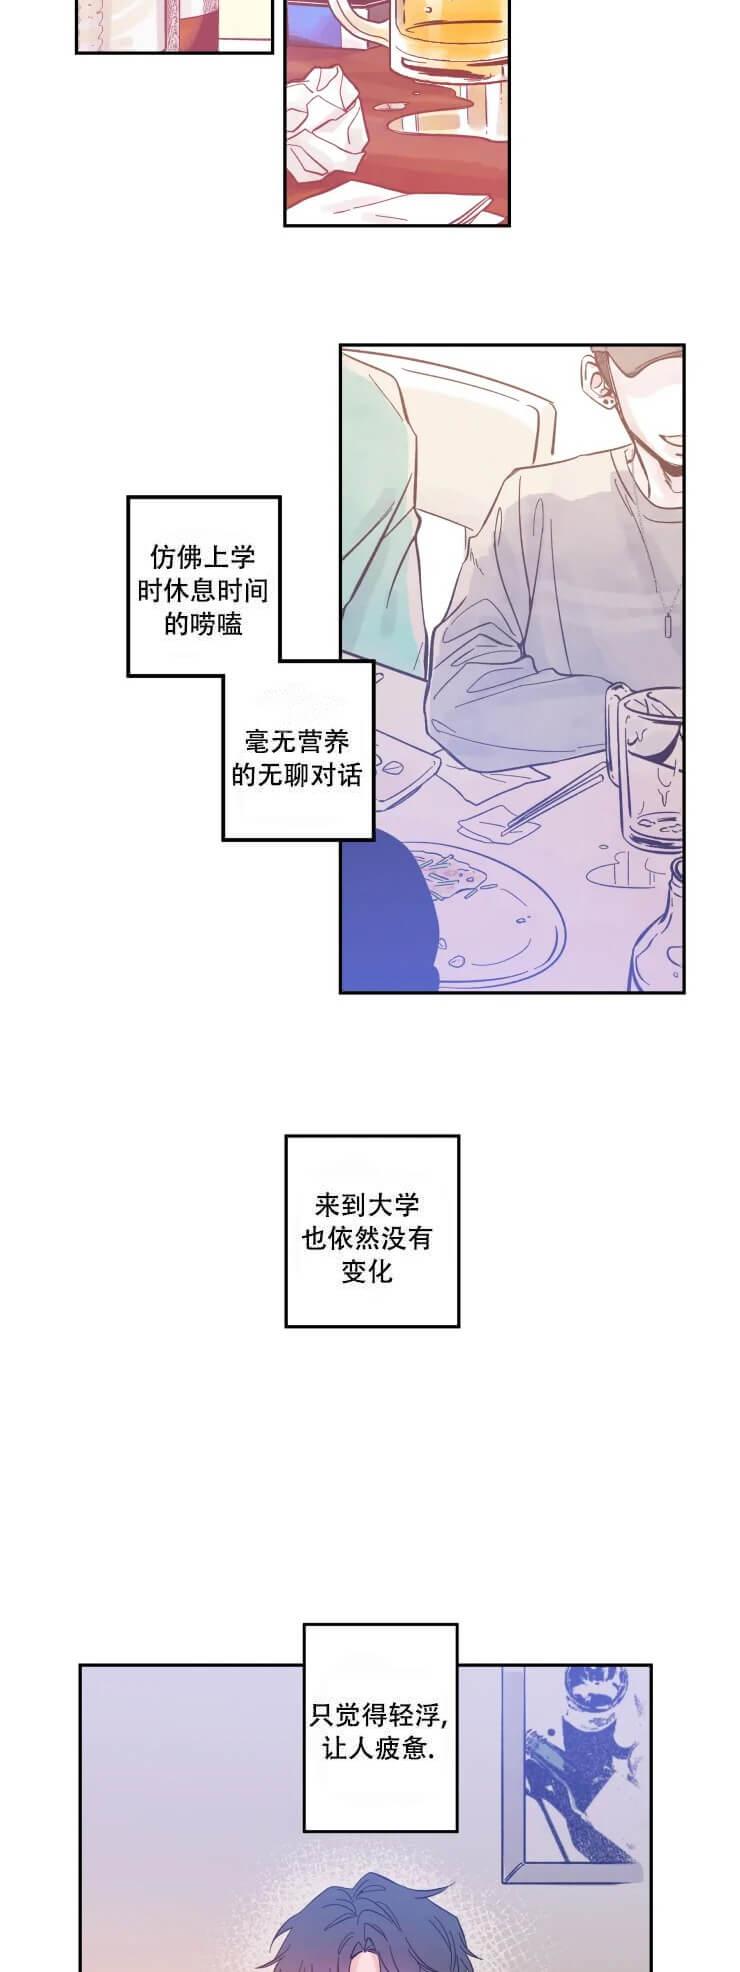 韩漫《素描》美术生的甜美,可以把doi时的你画下来吗?